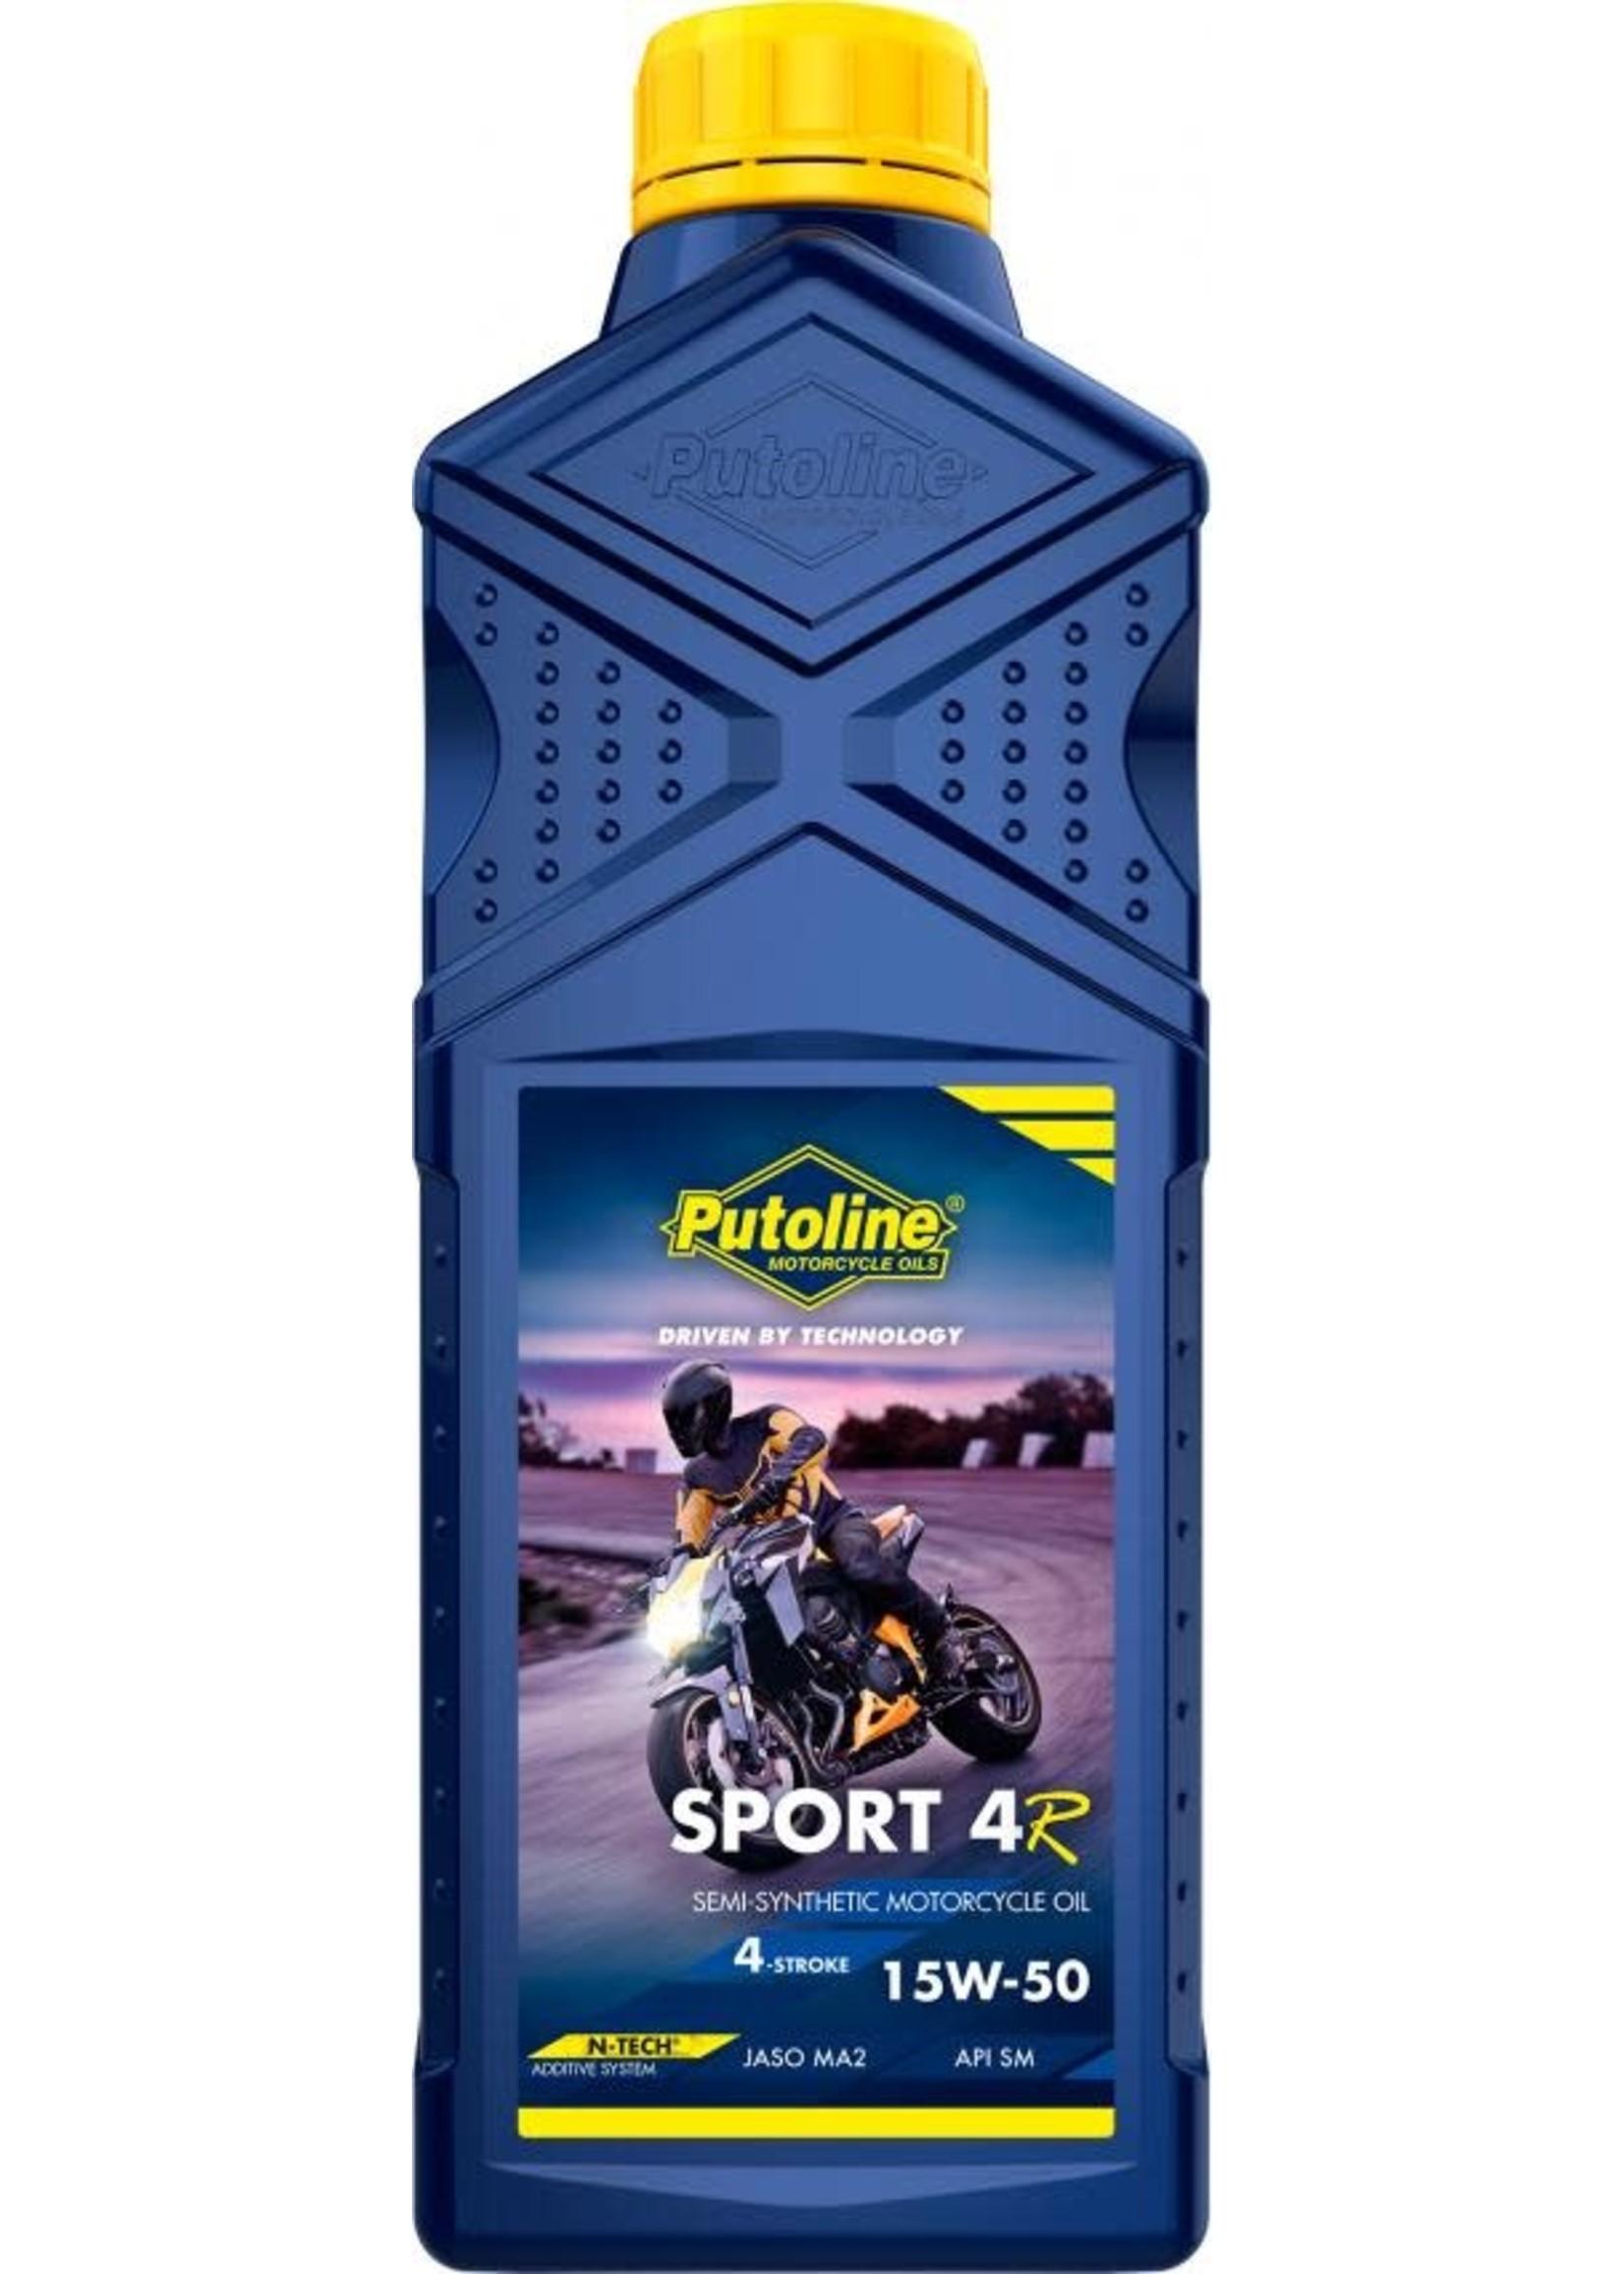 Putoline SPORT 4R 15W-50 1L